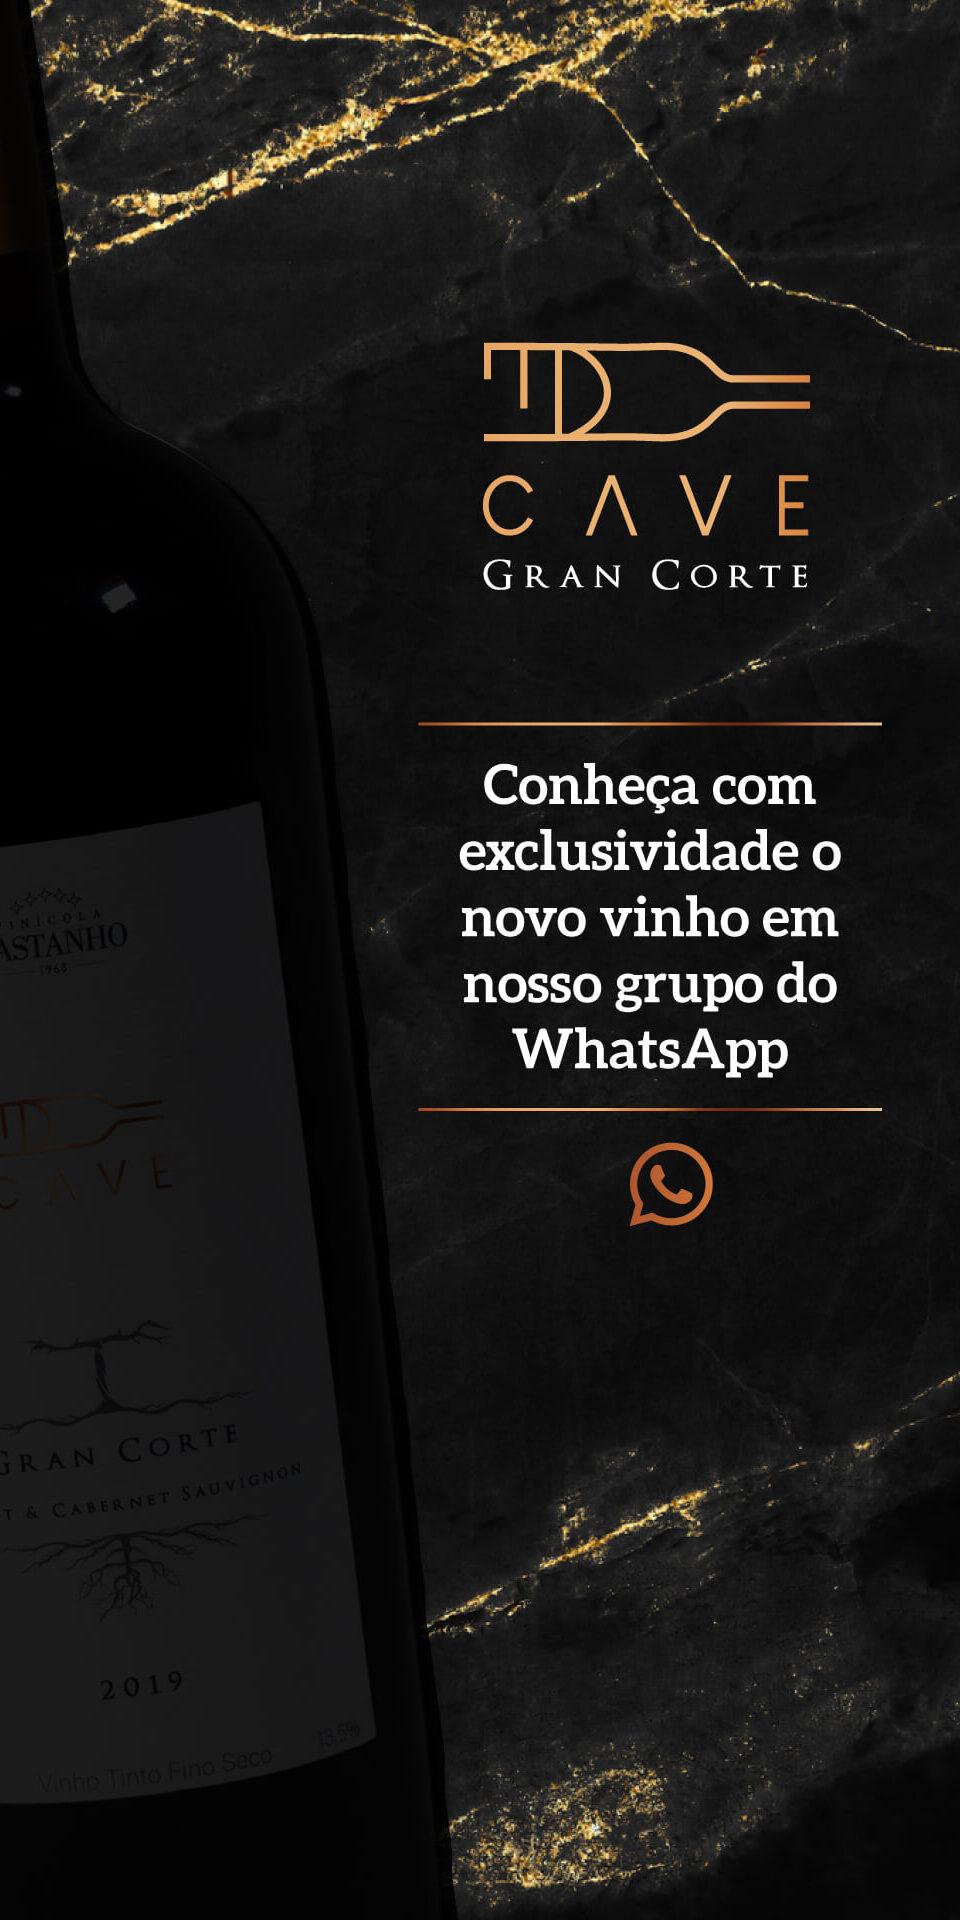 Vinícola Castanho - Cave Gran Corte - Pré-lançamento